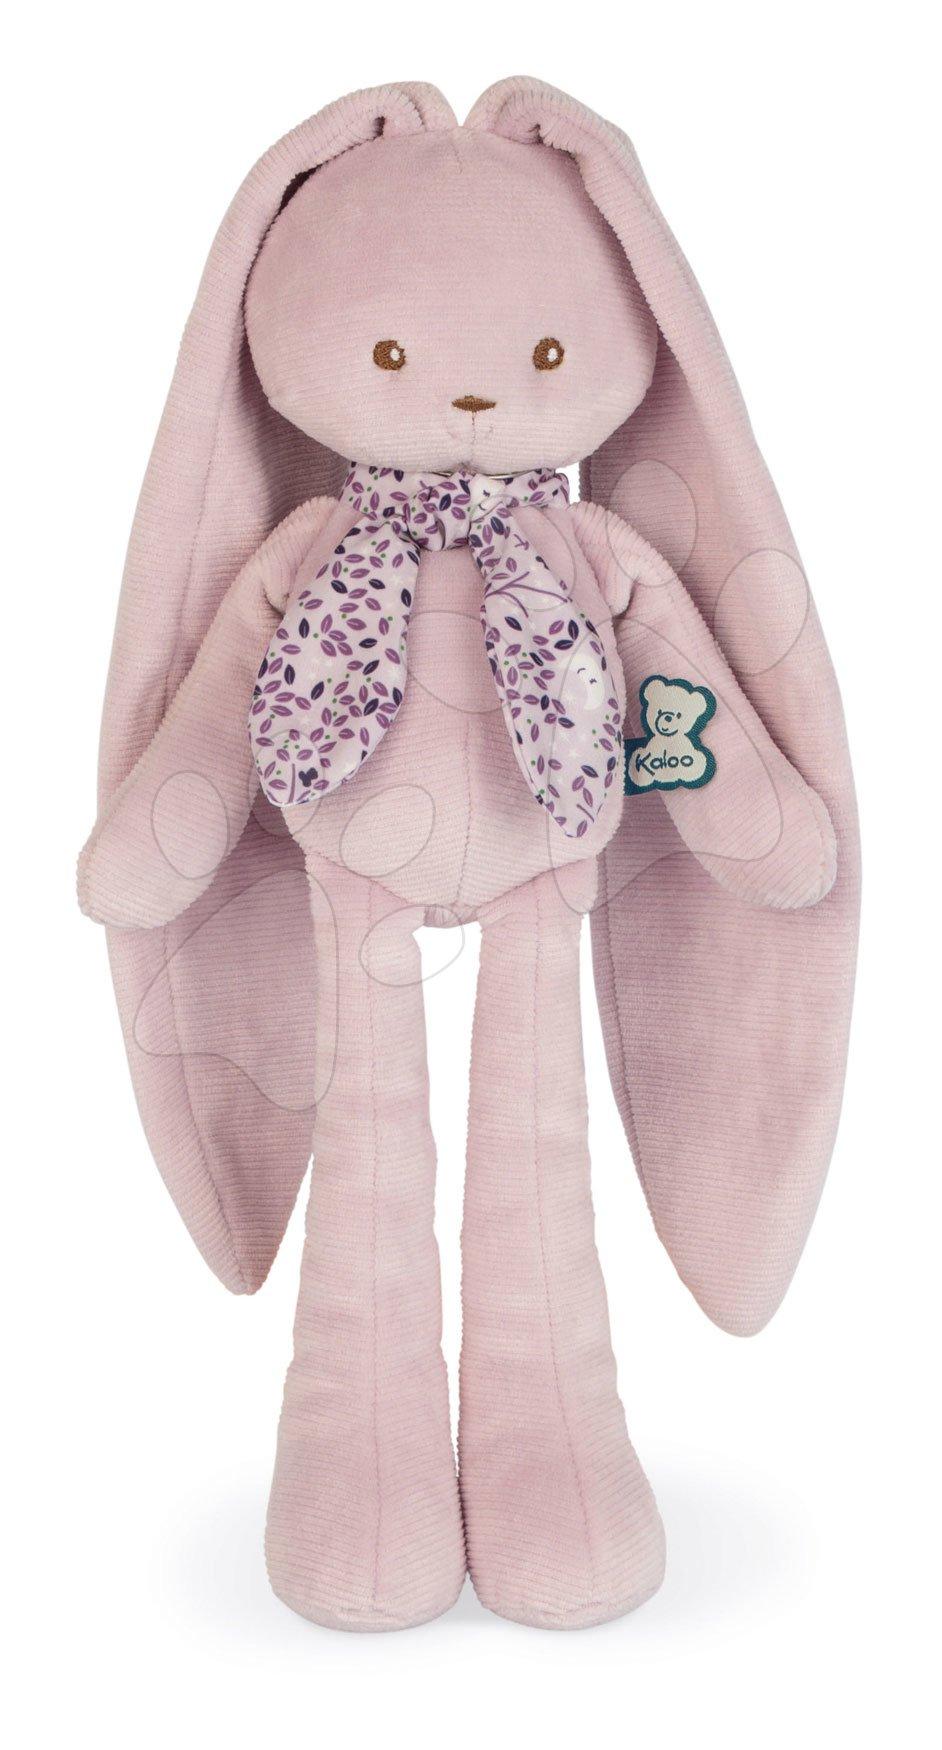 Zajček z dolgimi ušeski Doll Rabbit Pink Lapinoo Kaloo rožnati 35 cm iz nežnega materiala v darilni embalaži od 0 mes